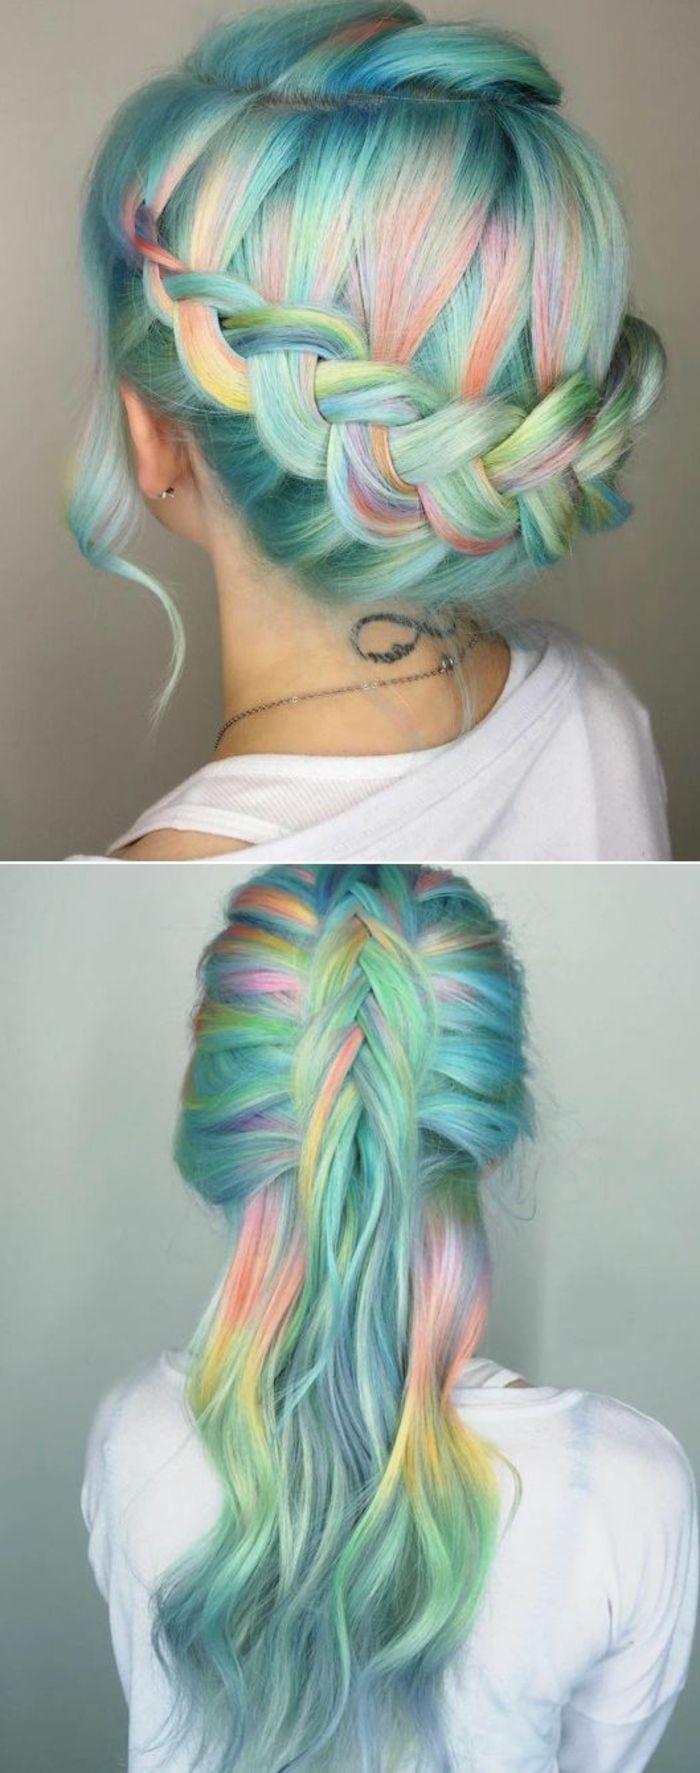 comment faire des tresse collée, jolie coiffure couronne tresse sur cheveux pastels